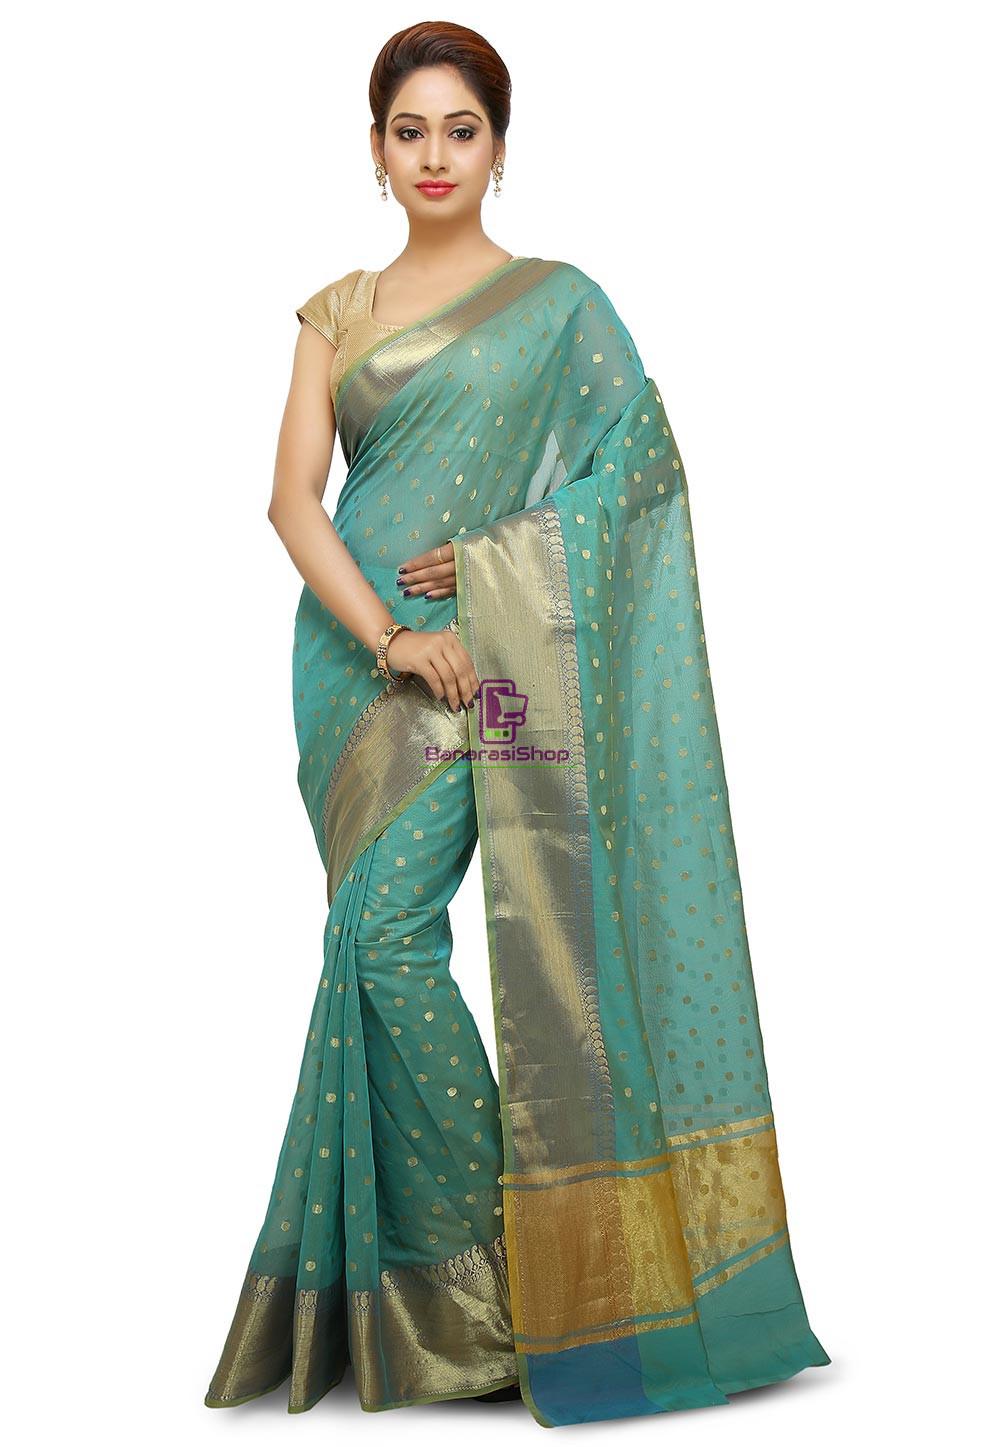 Banarasi Saree in Turquoise 1